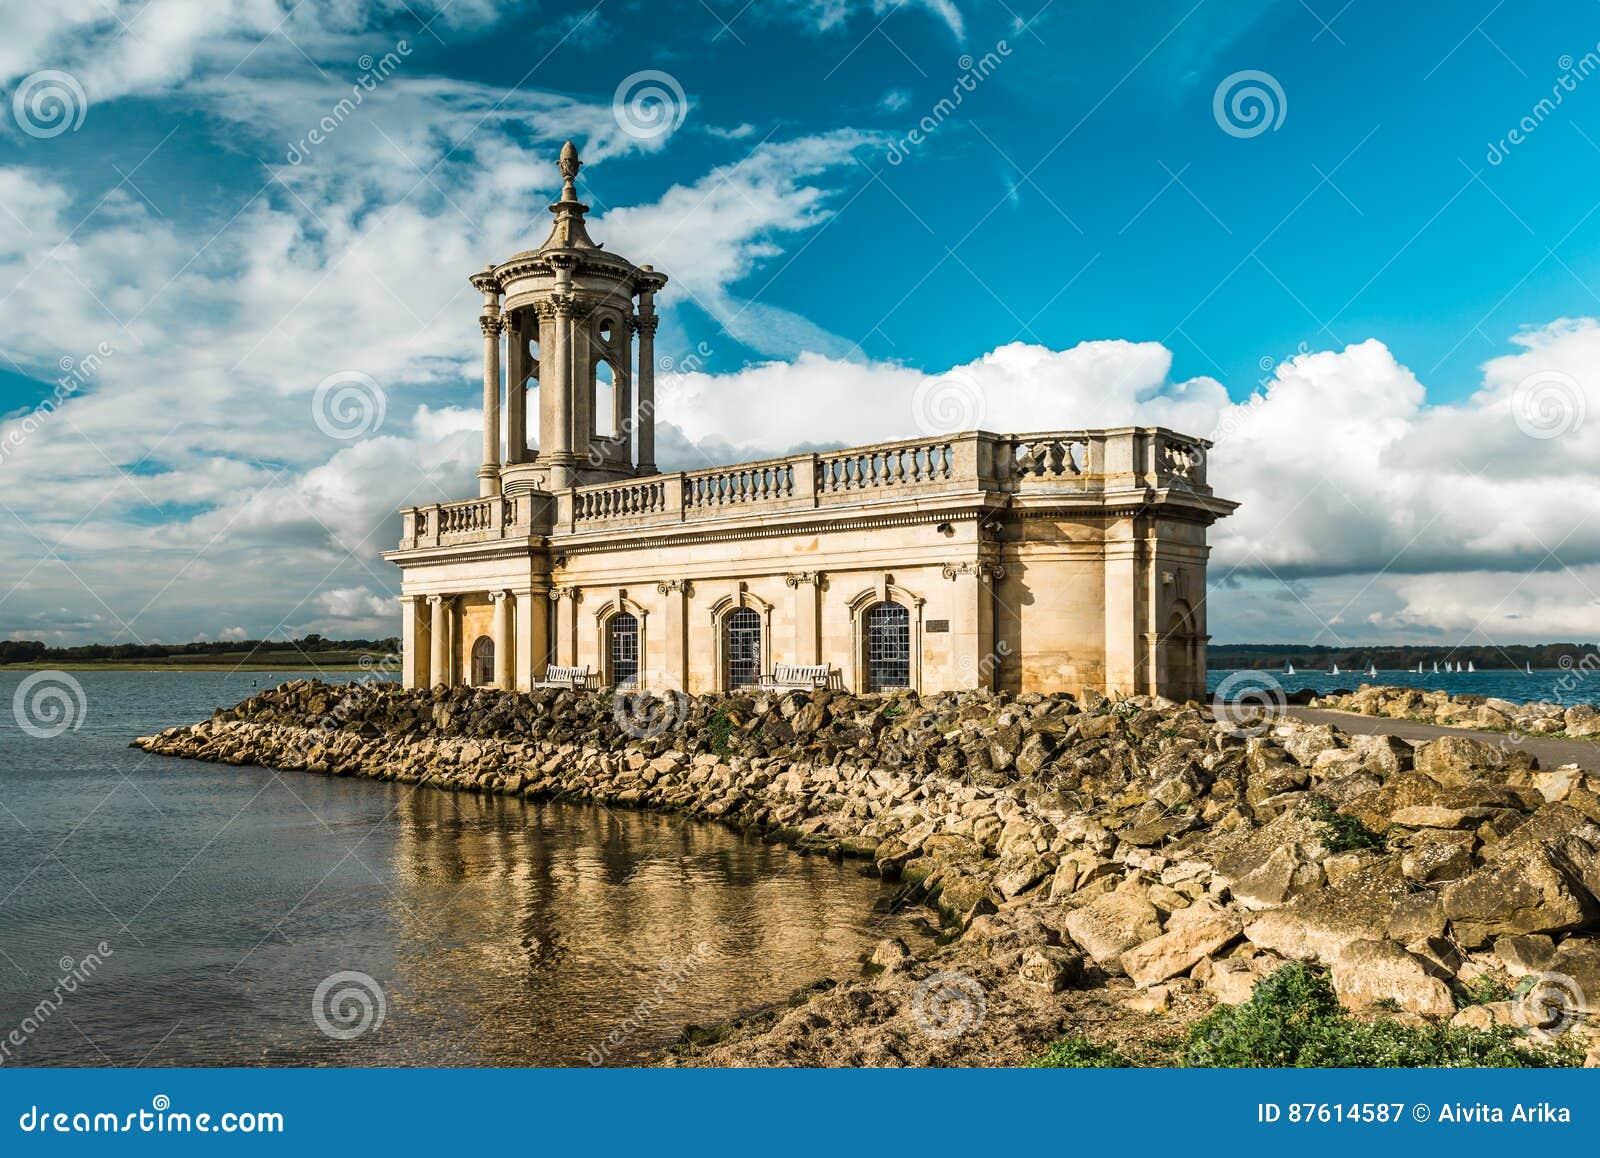 Normantonkerk in Rutland Water Park, Engeland